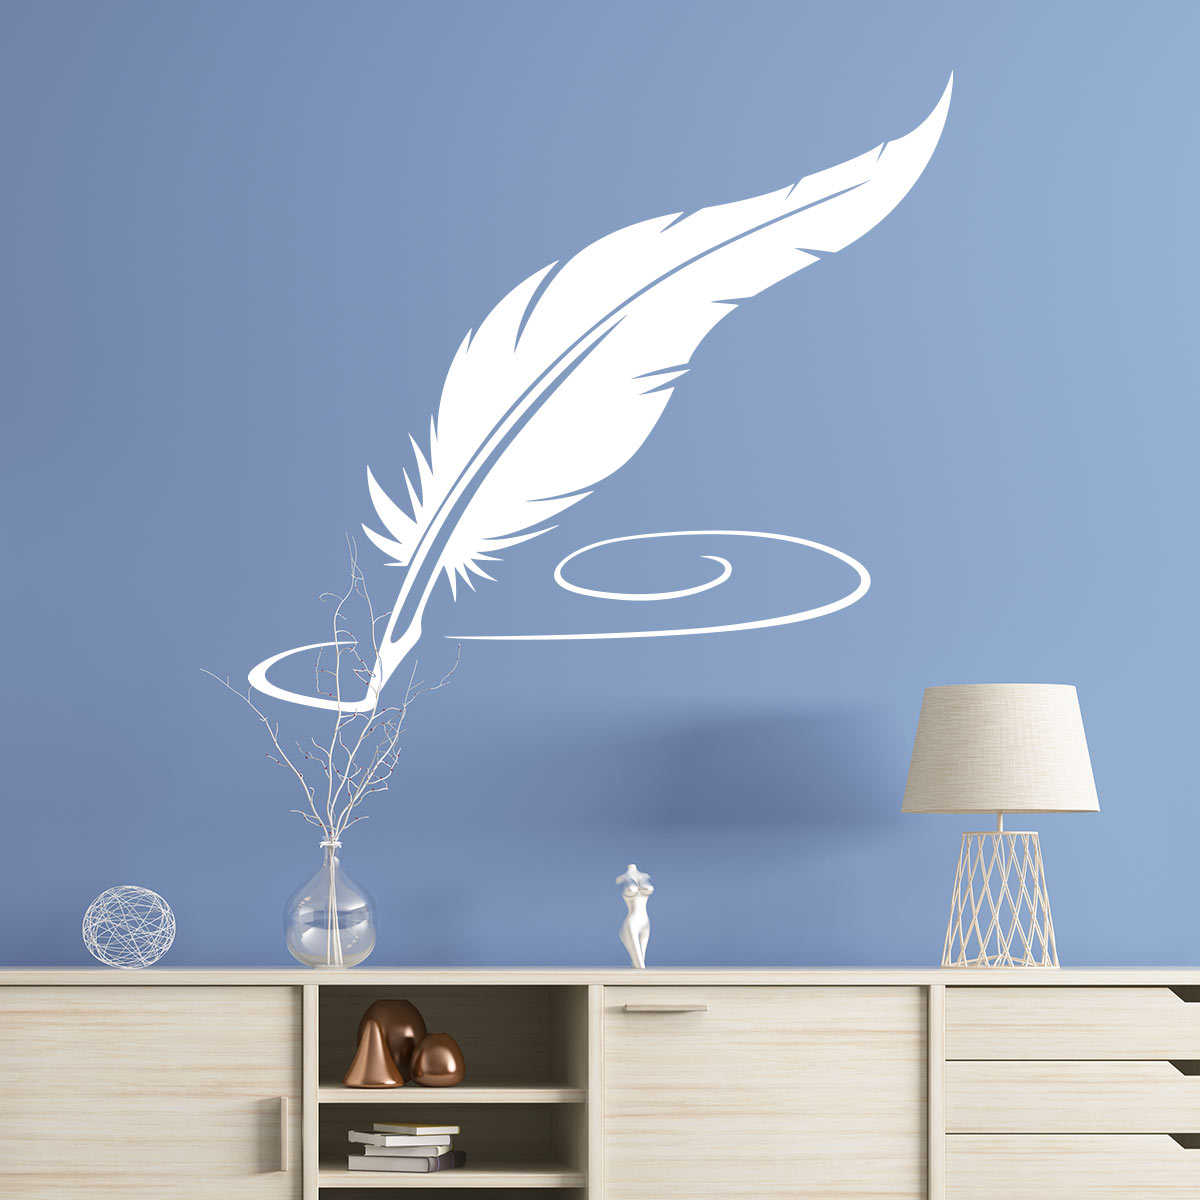 Sticker la plume de l 39 crivain stickers art et design artistiques ambiance sticker - Laver un oreiller en plume ...